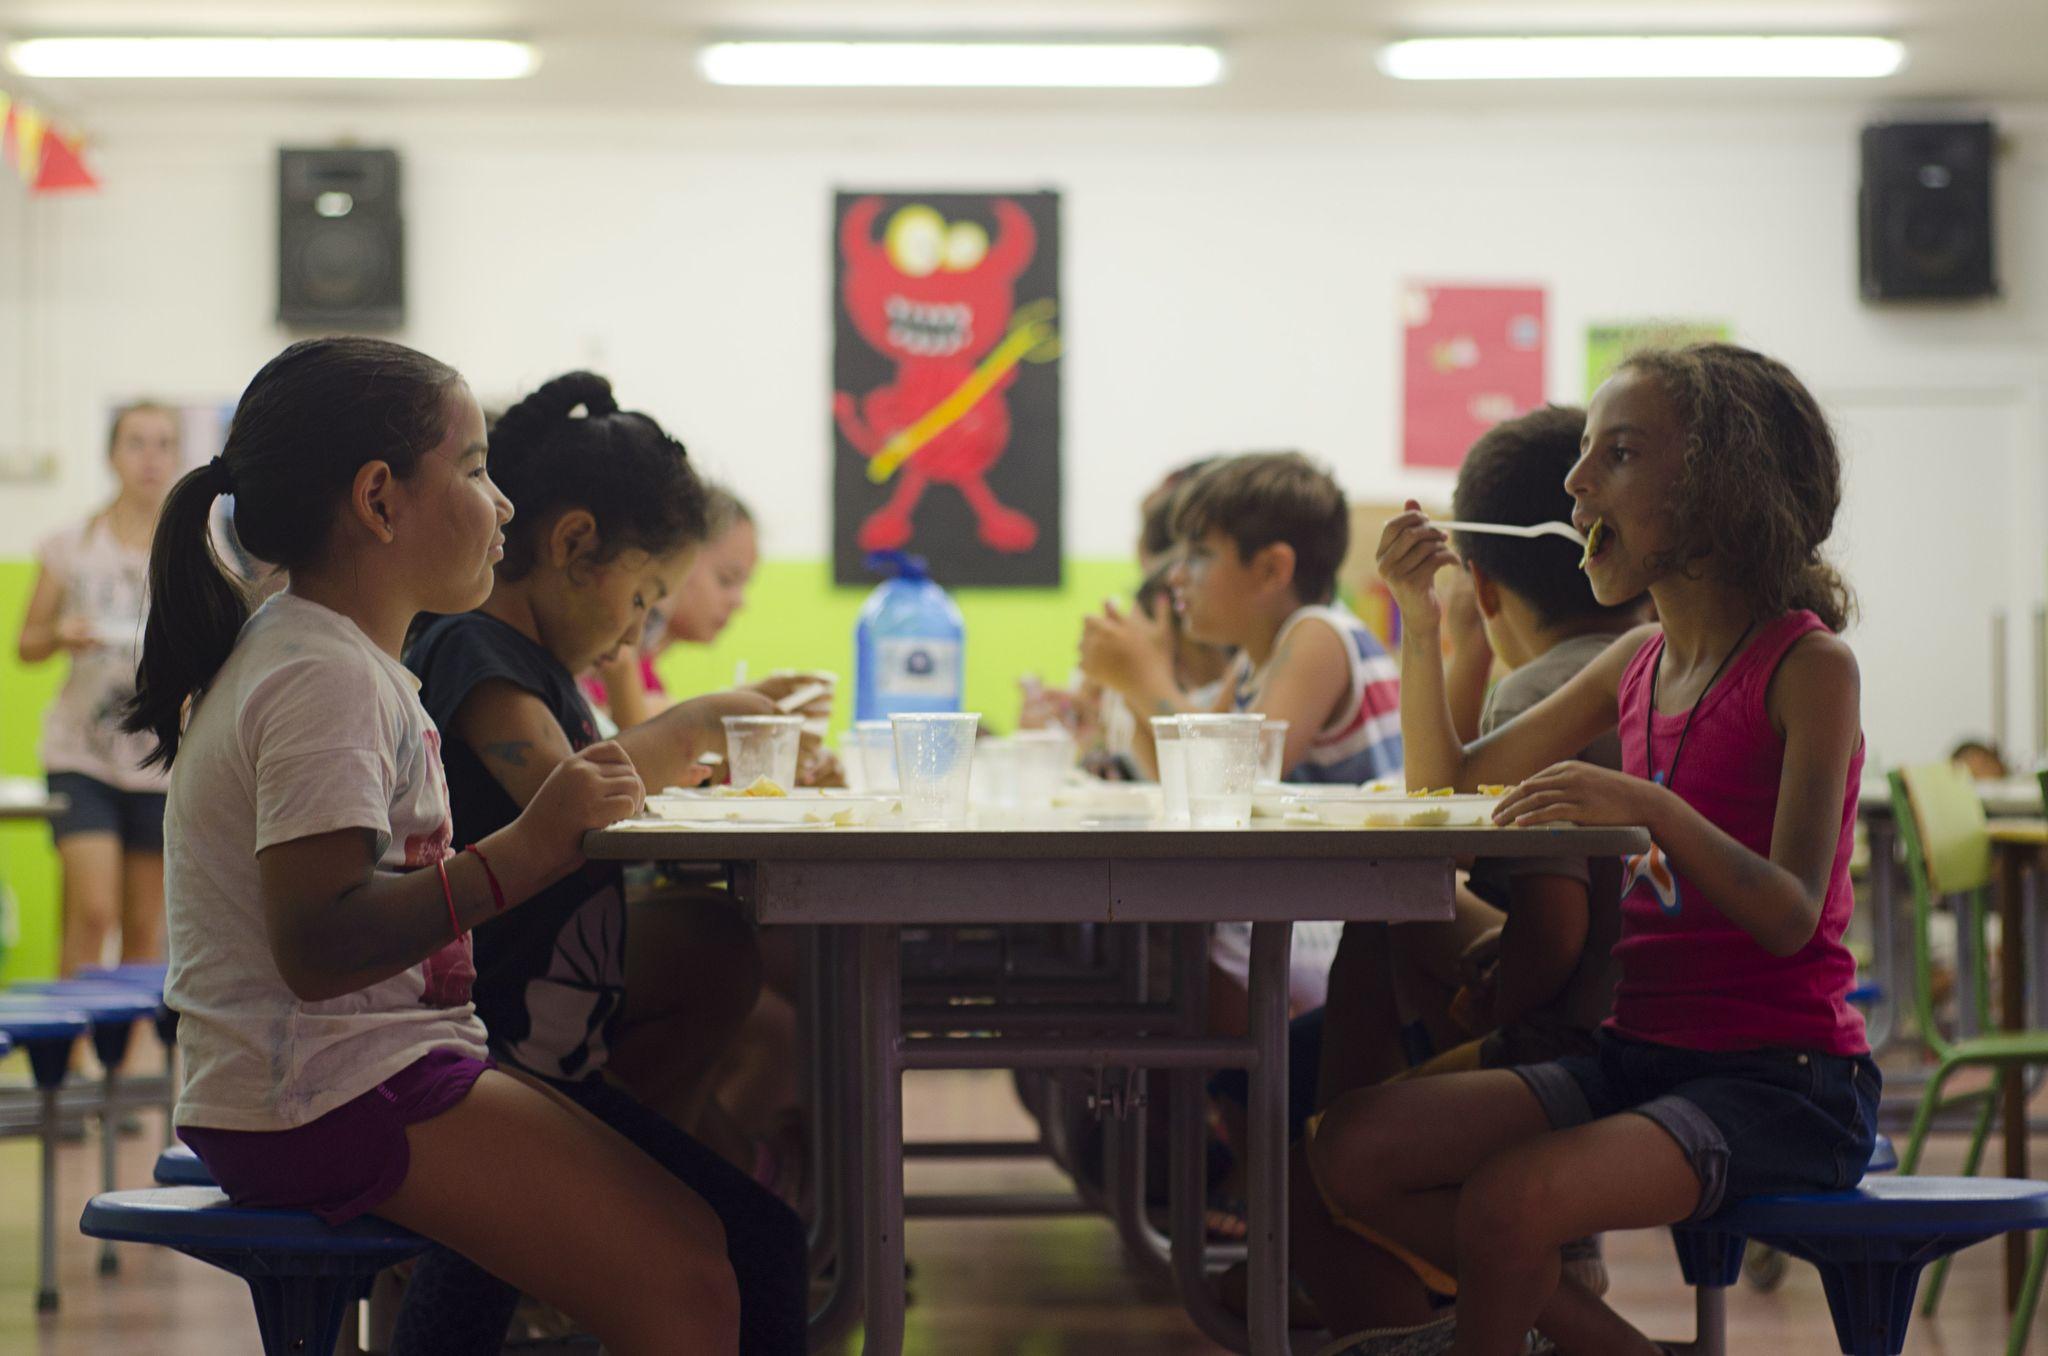 Becas comedor m s all del colegio catalu a home el mundo for Becas comedor 2017 madrid